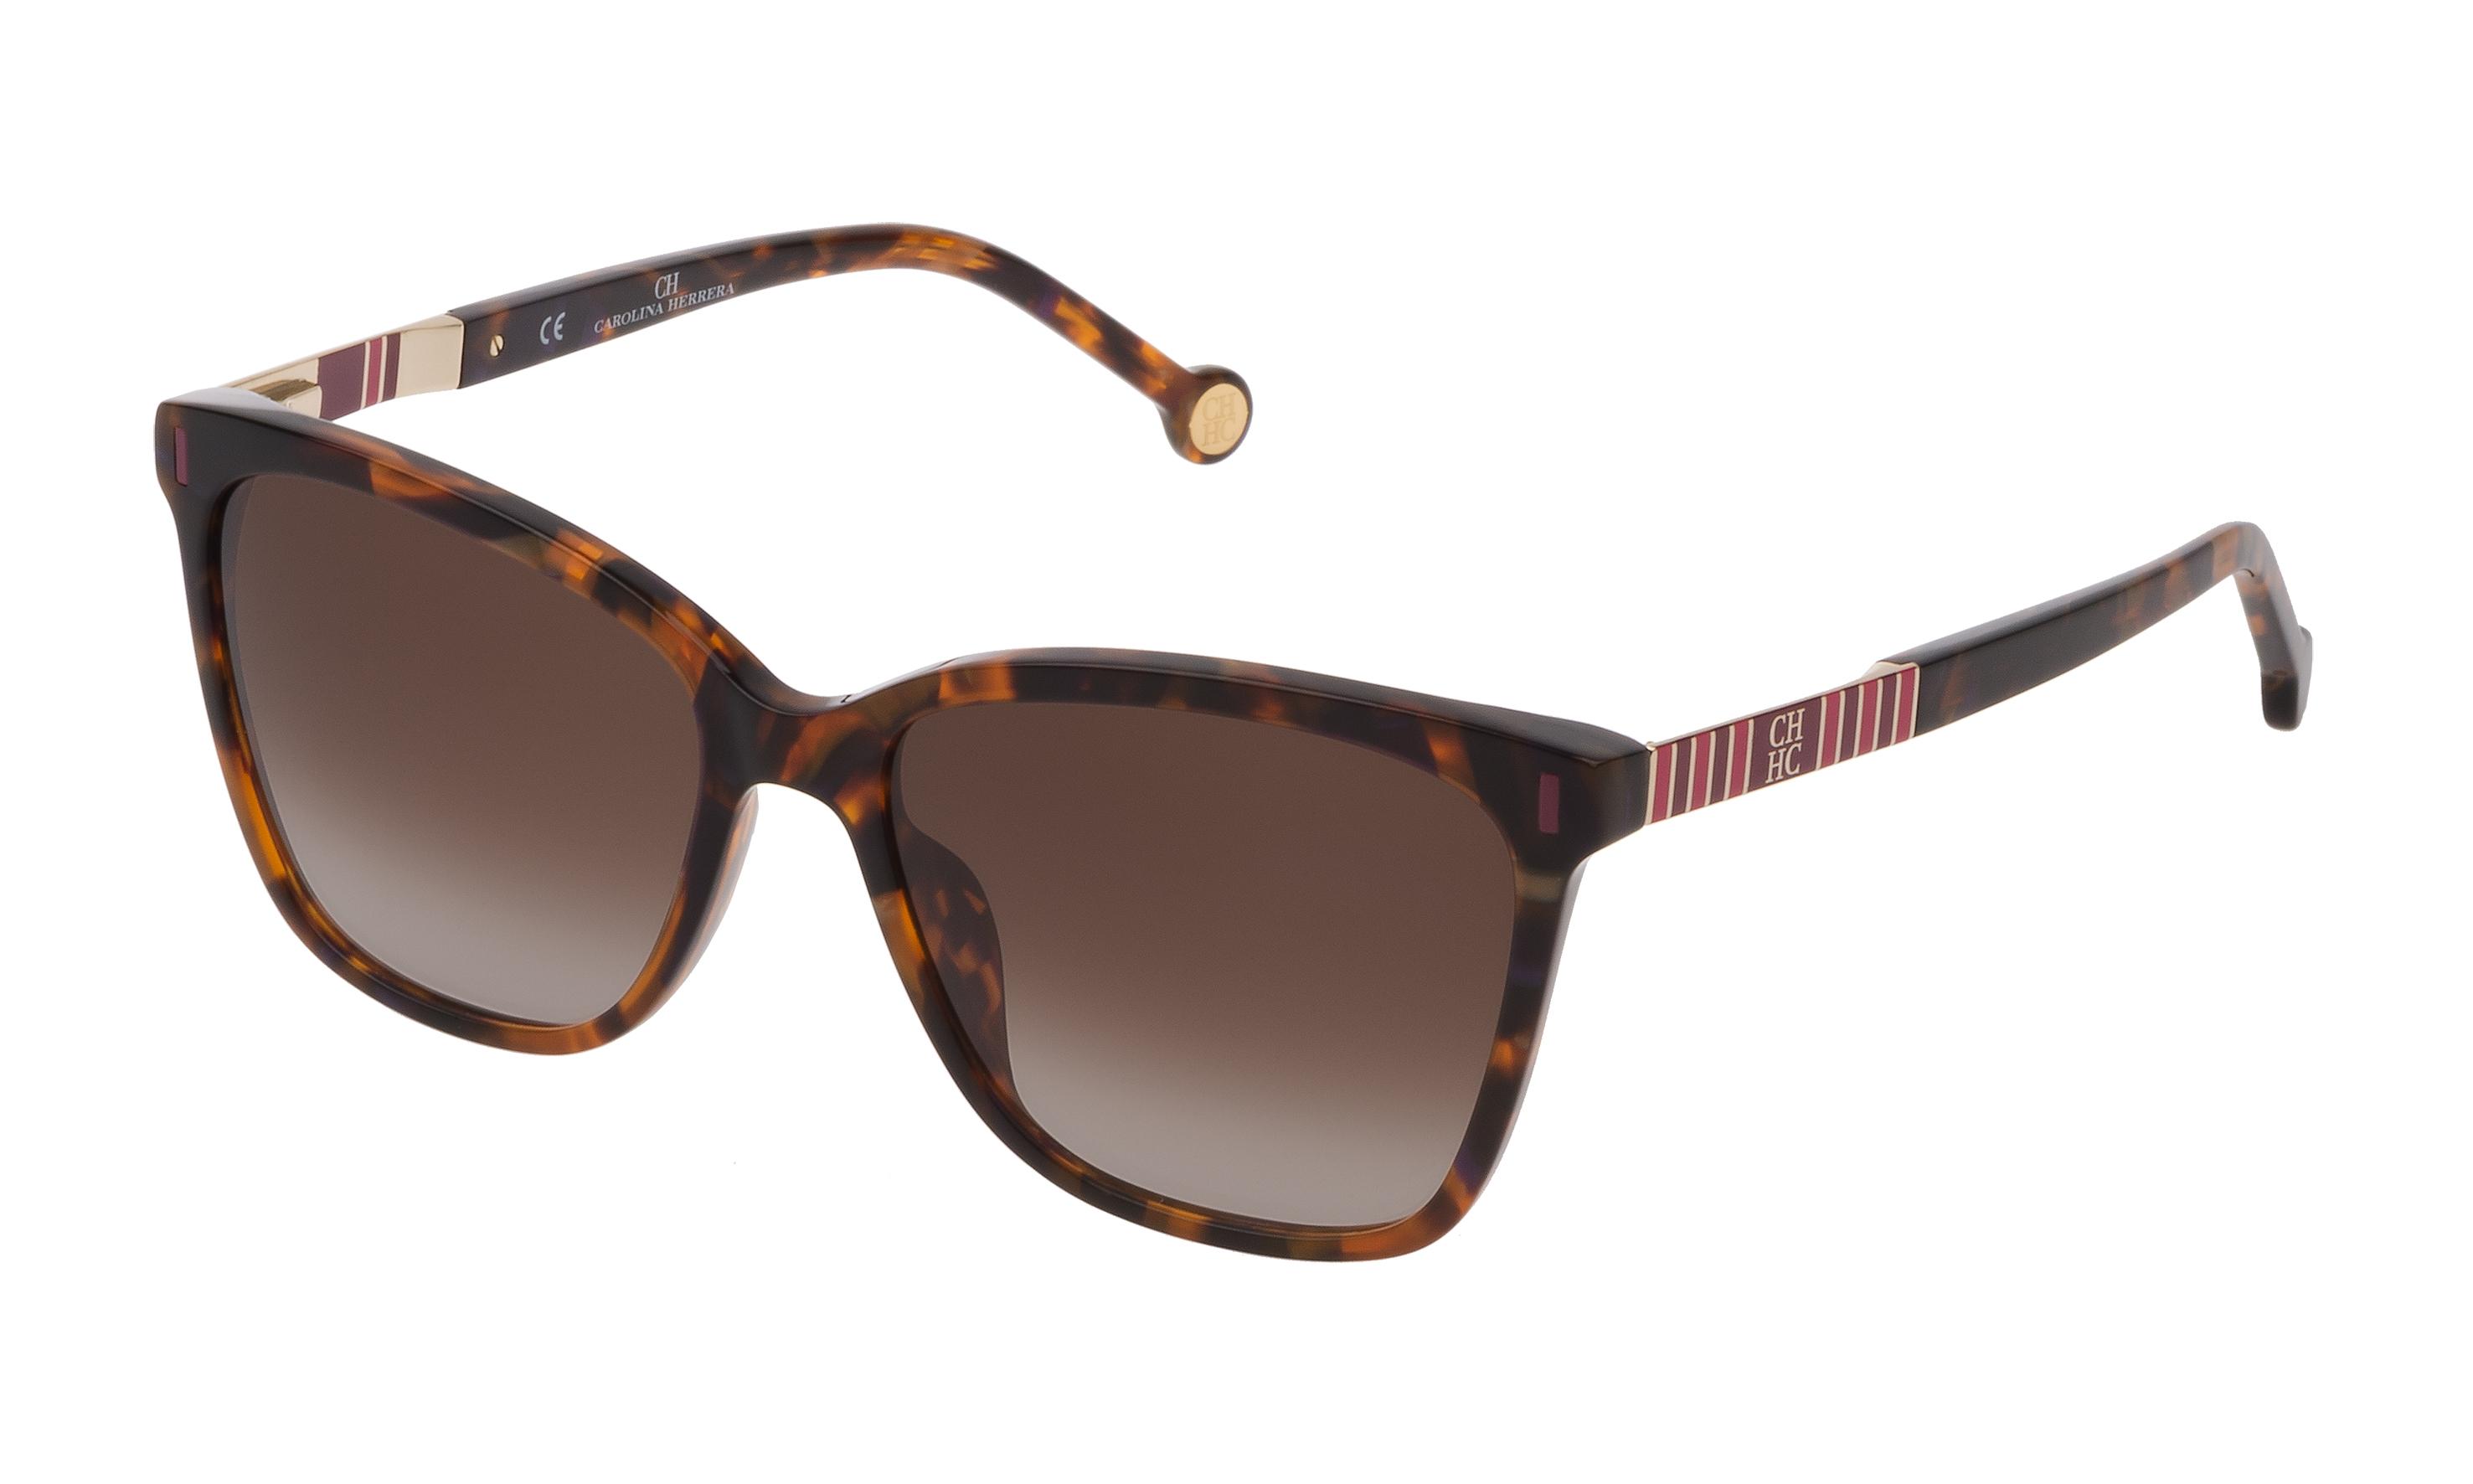 CAROLINA HERRERA SHE 828 0AEN Gafas de sol Mujer